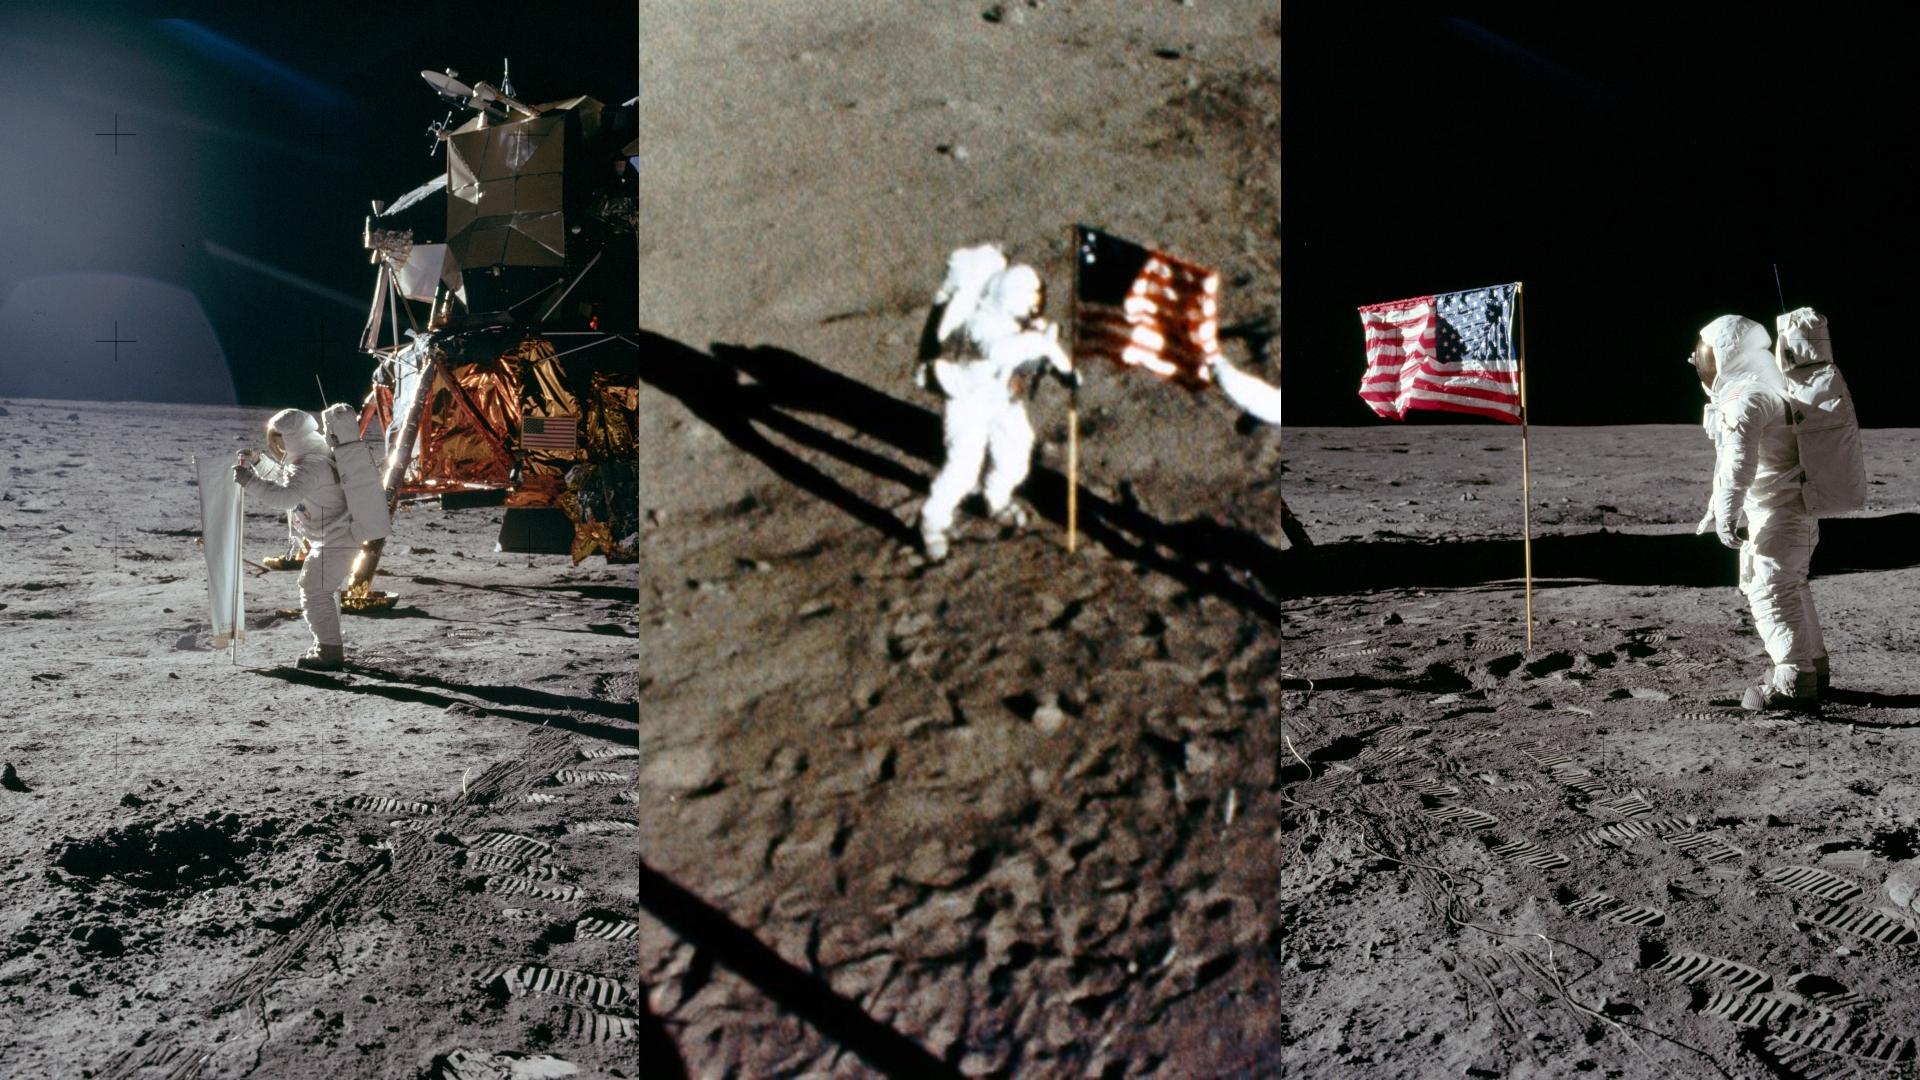 Momento en que Buzz Aldrin y Michael Collins descienden a la superficie lunar e instalan la bandera de Estados Unidos.